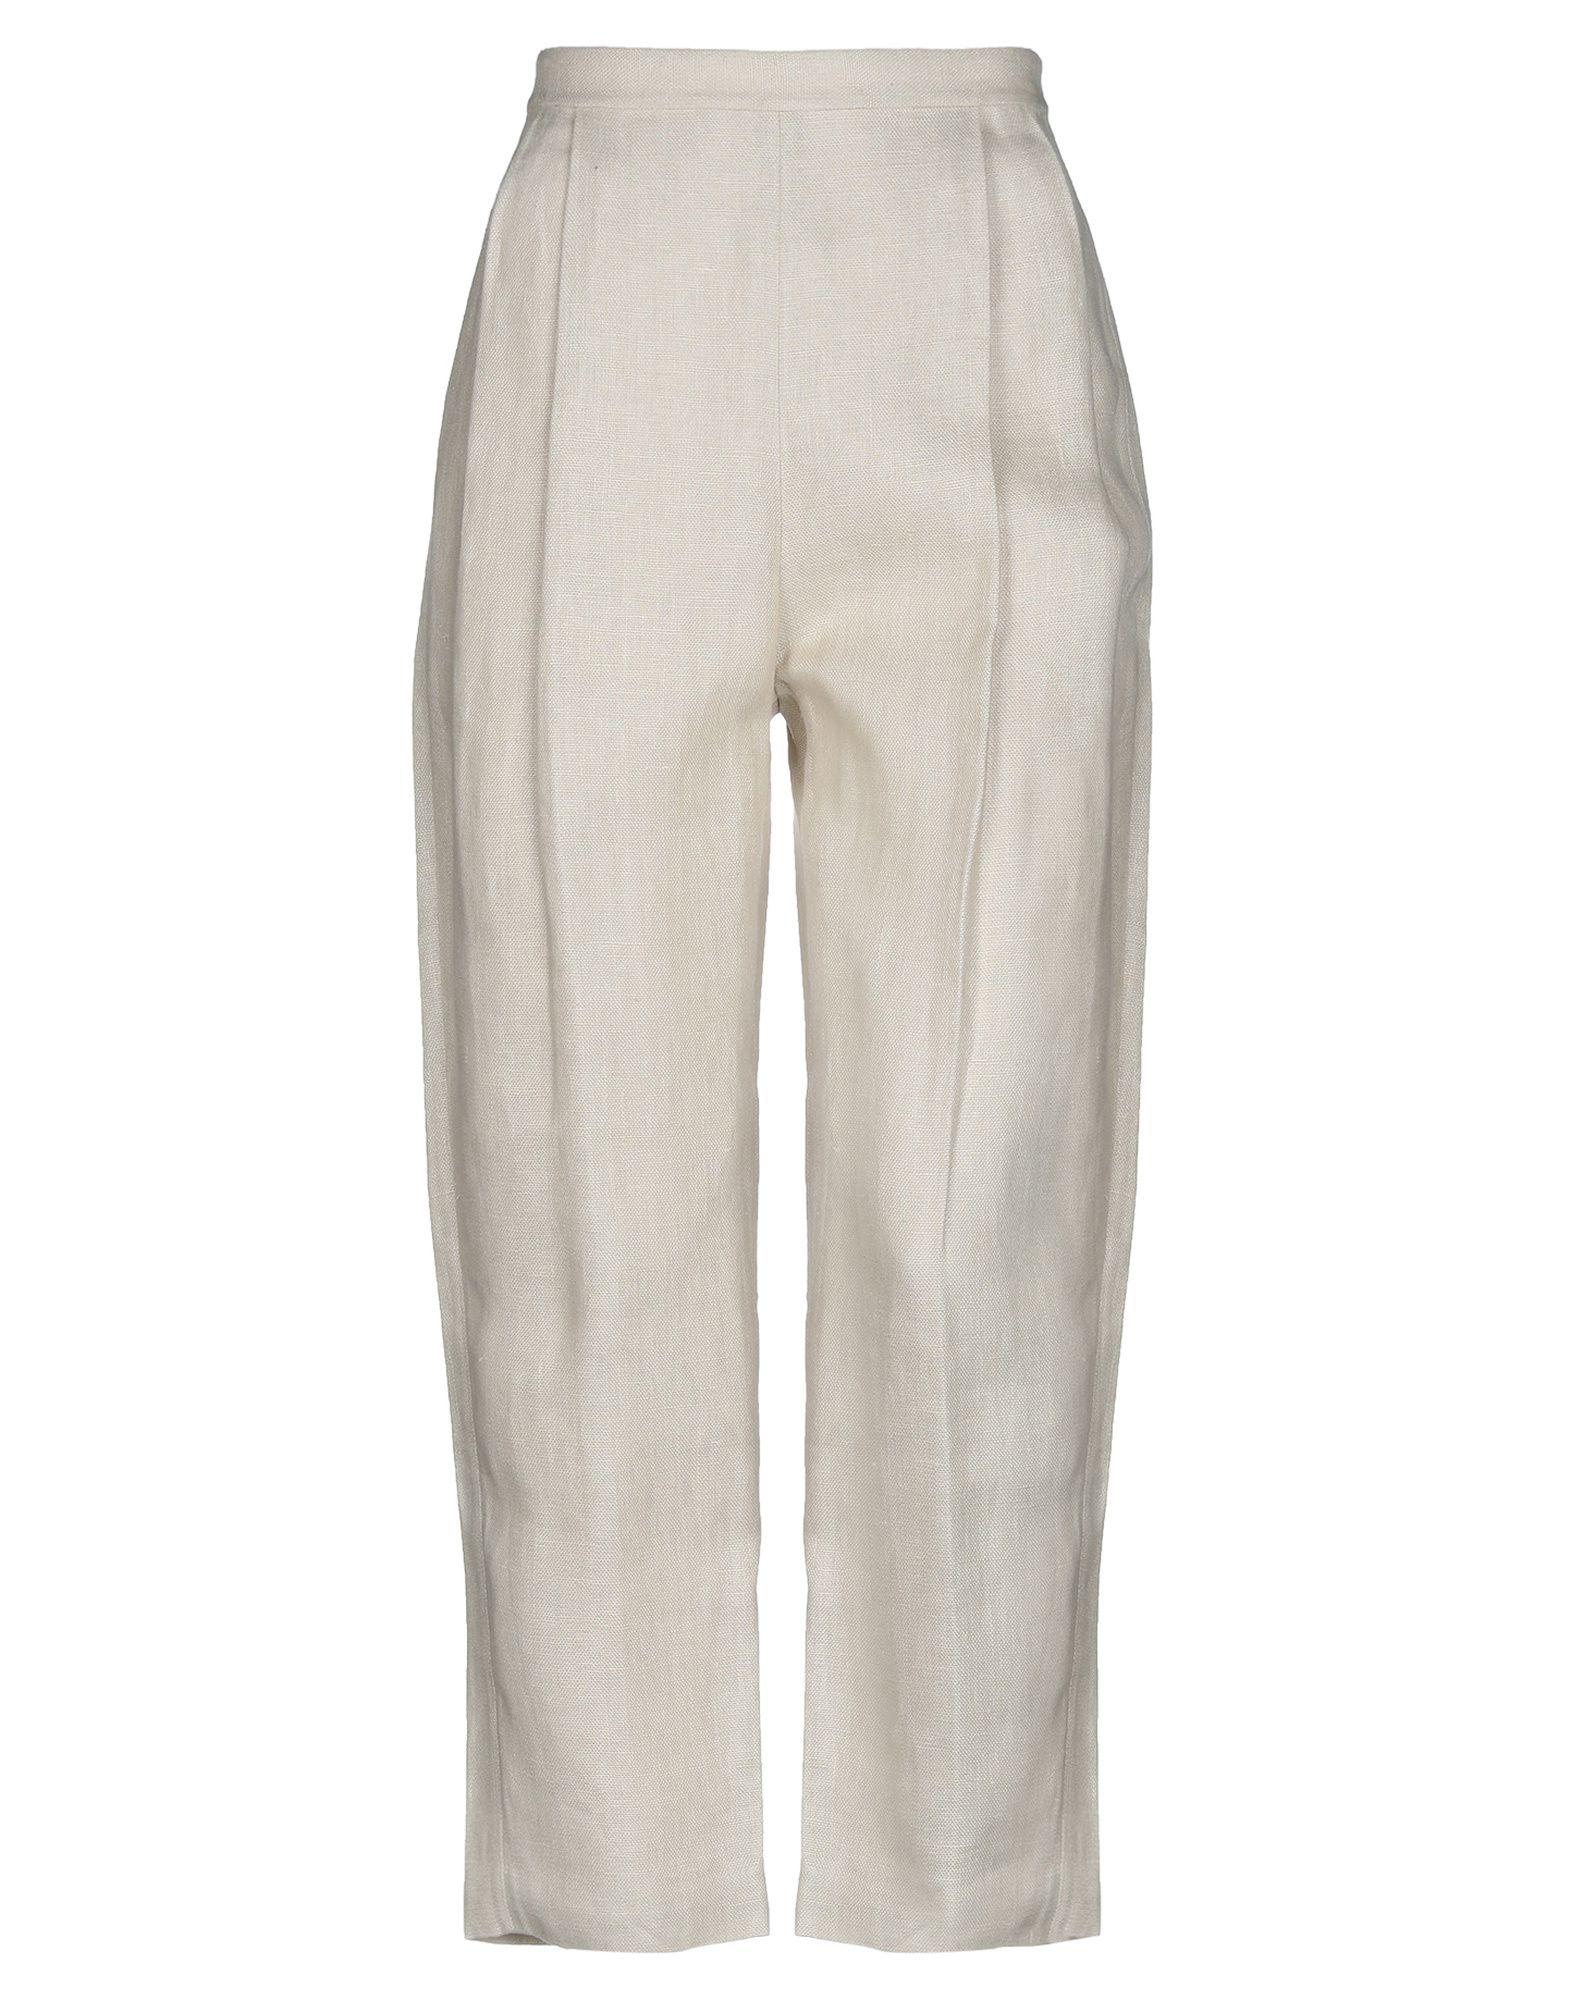 DELPOZO | DELPOZO Casual Pants 13251755 | Goxip